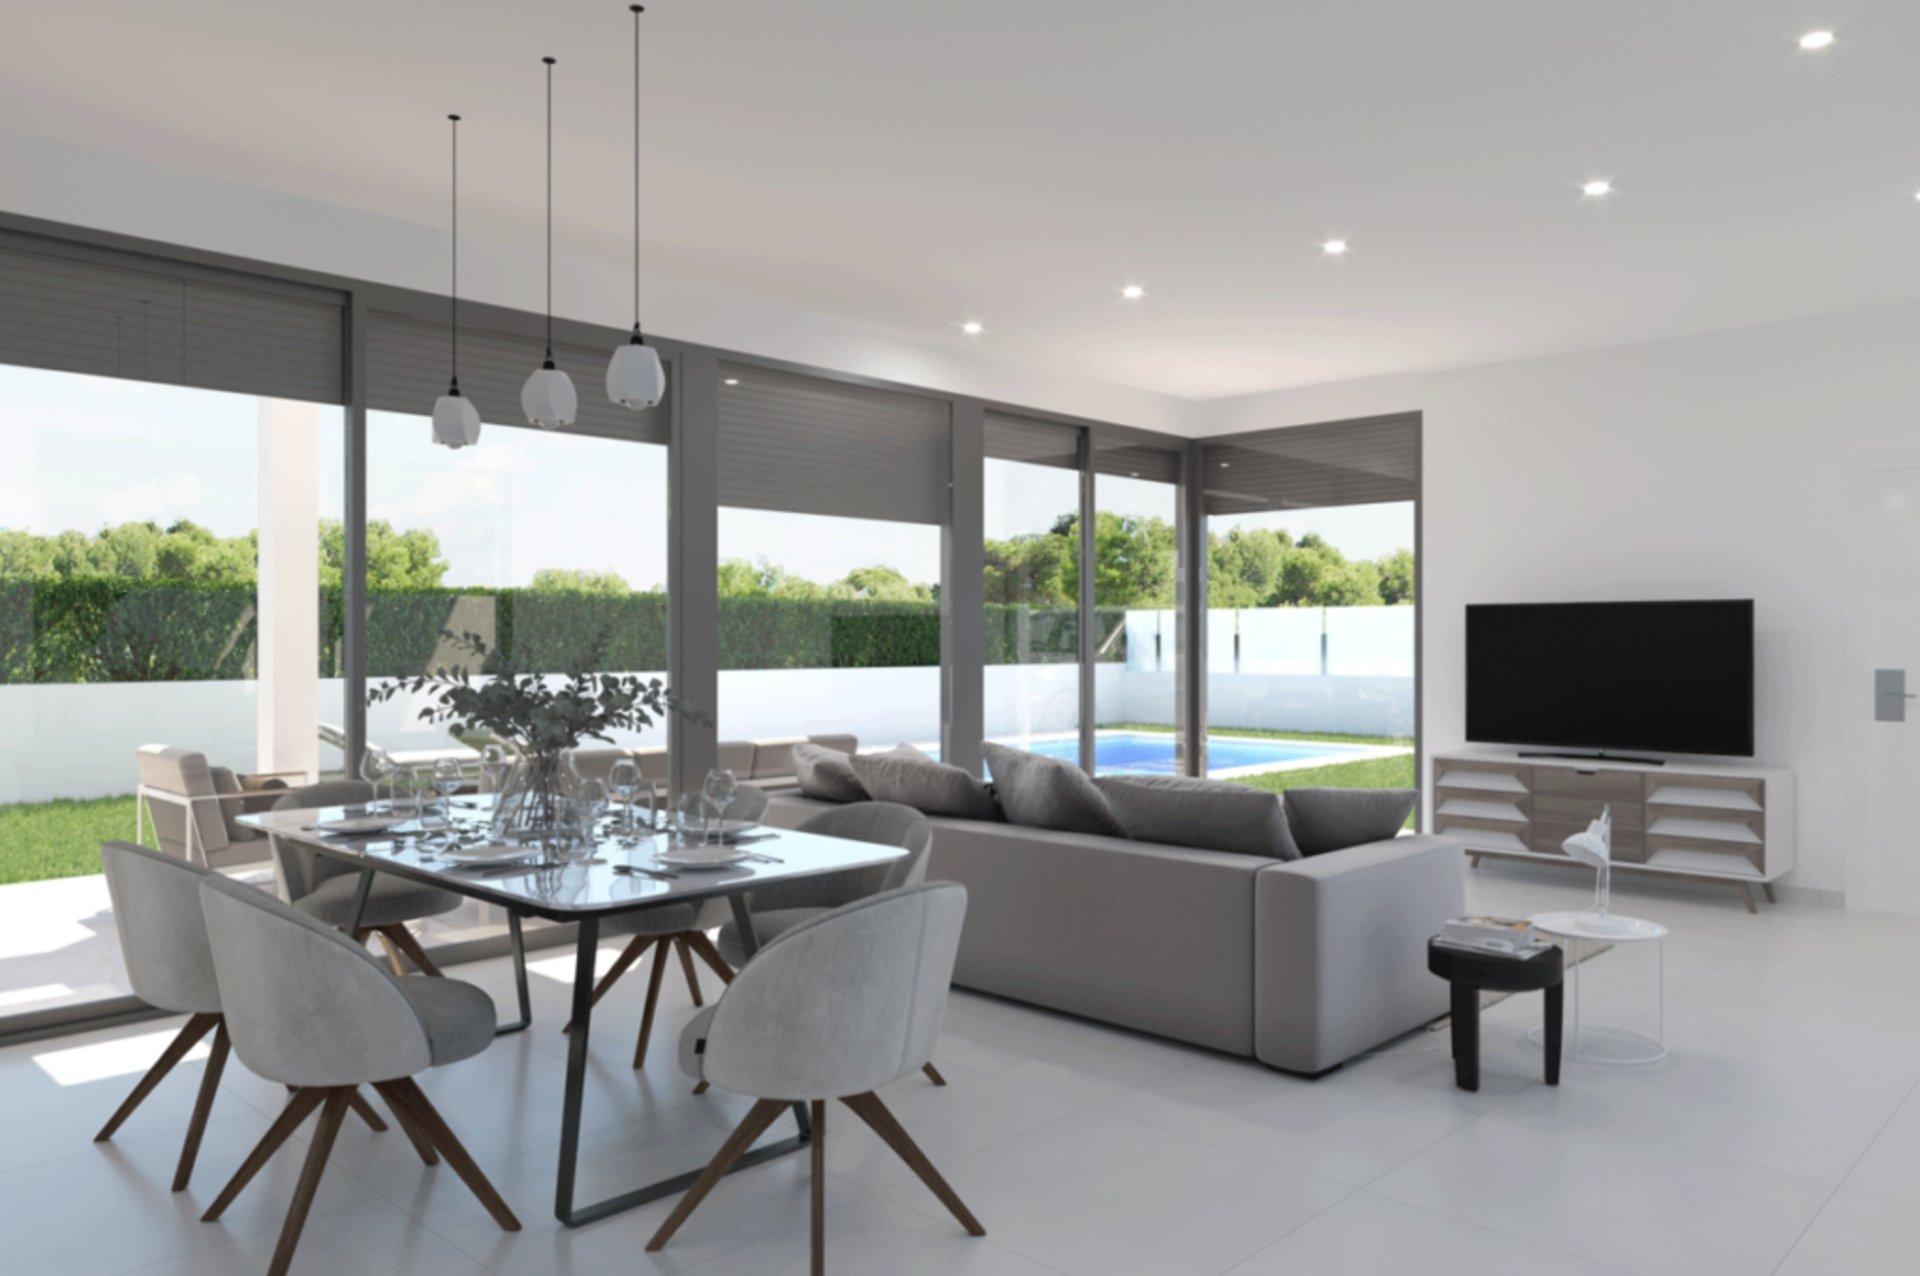 Exclusief wooncomplex met luxe villa's